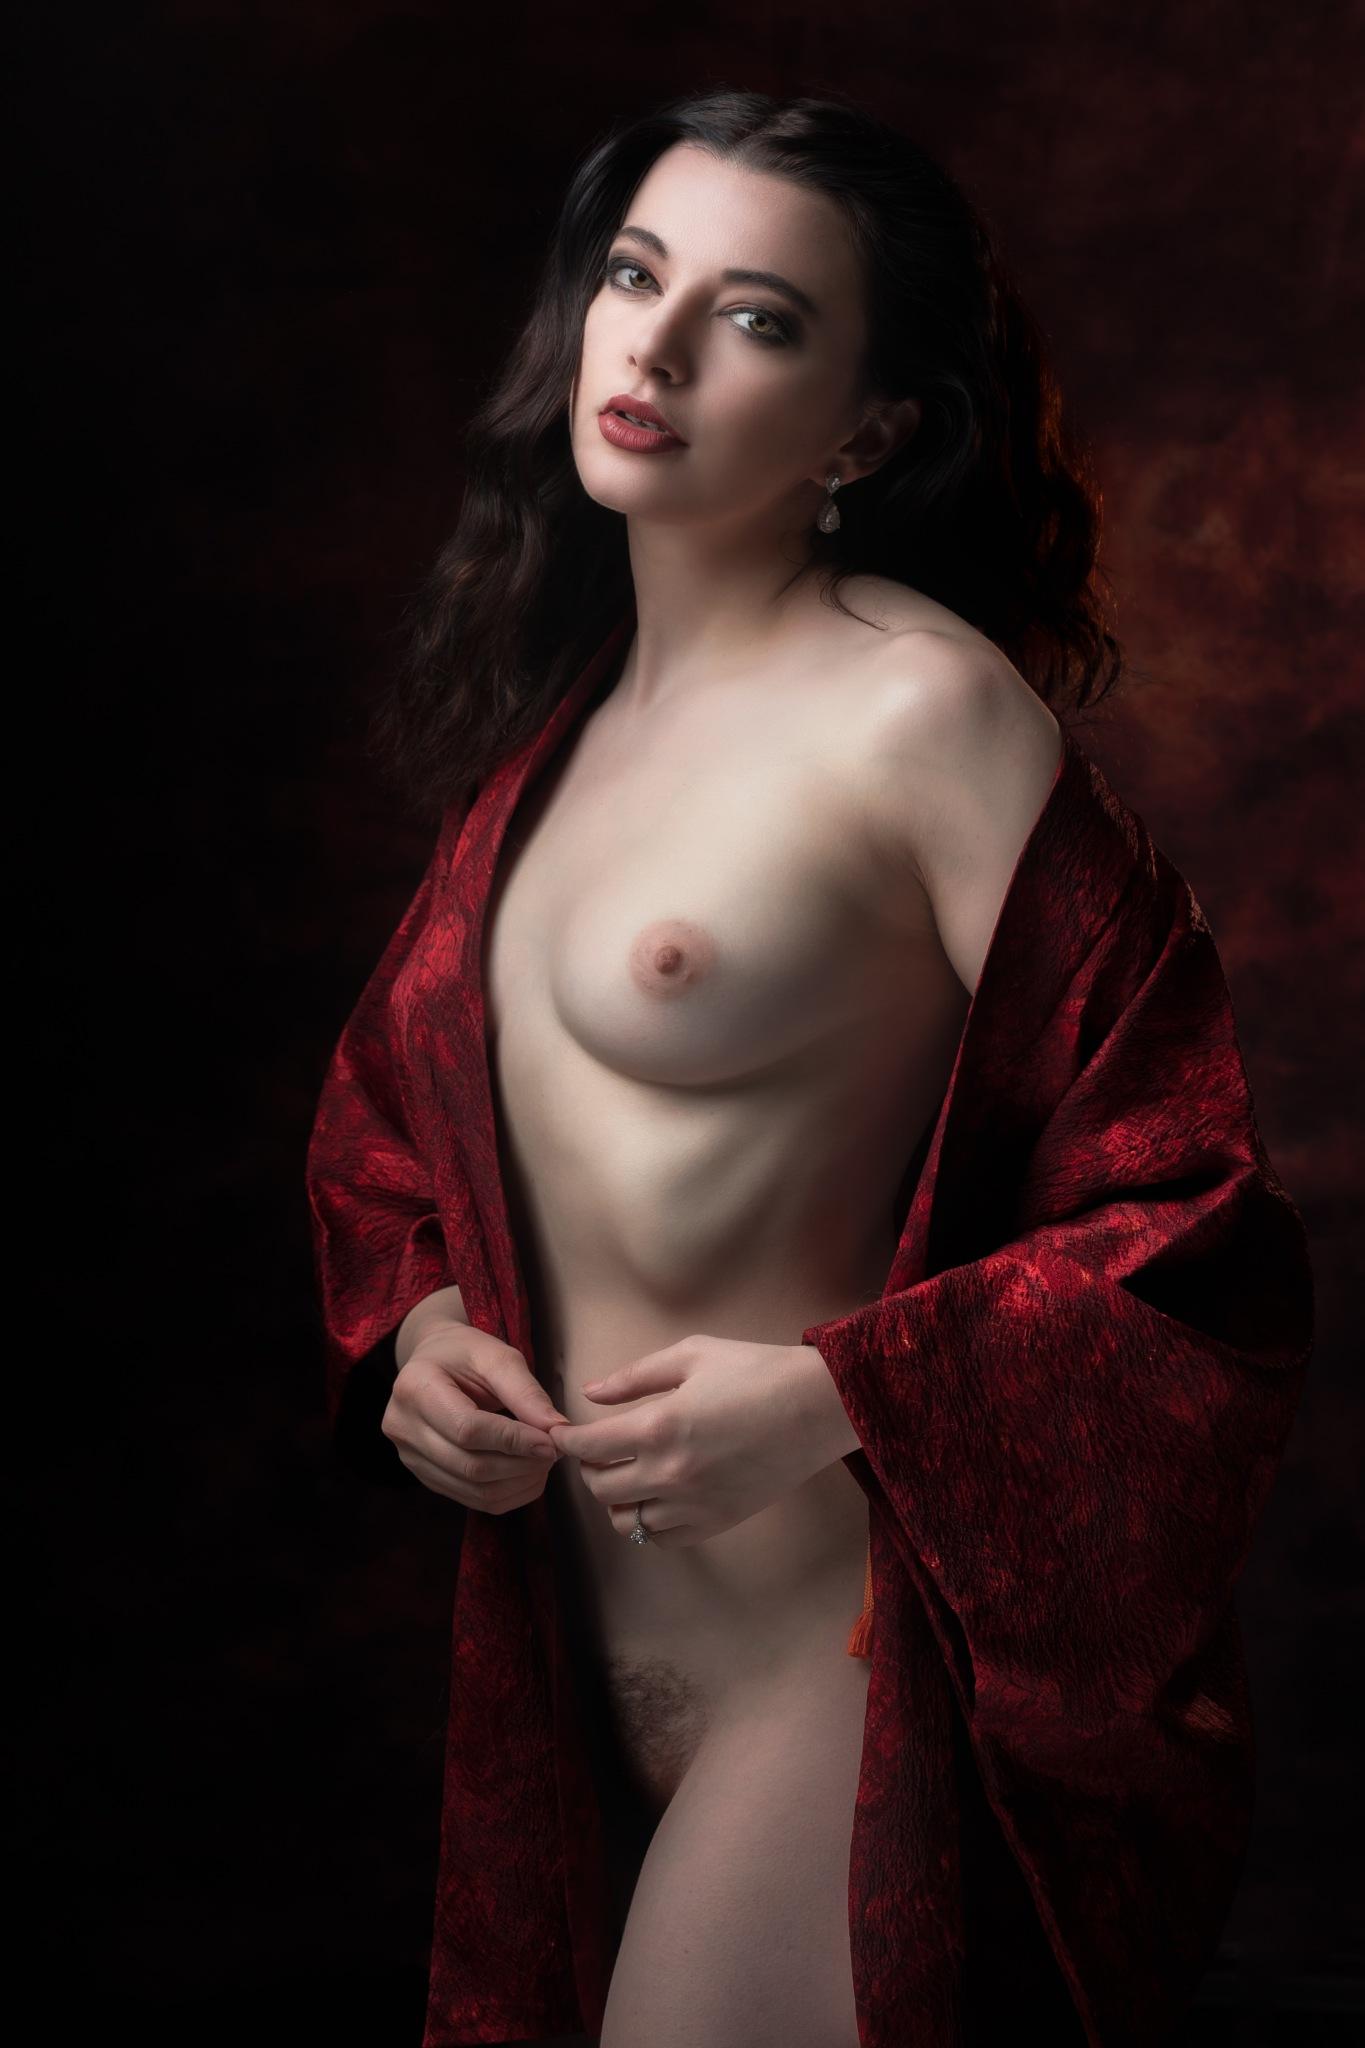 in scarlet cloak by John Herm